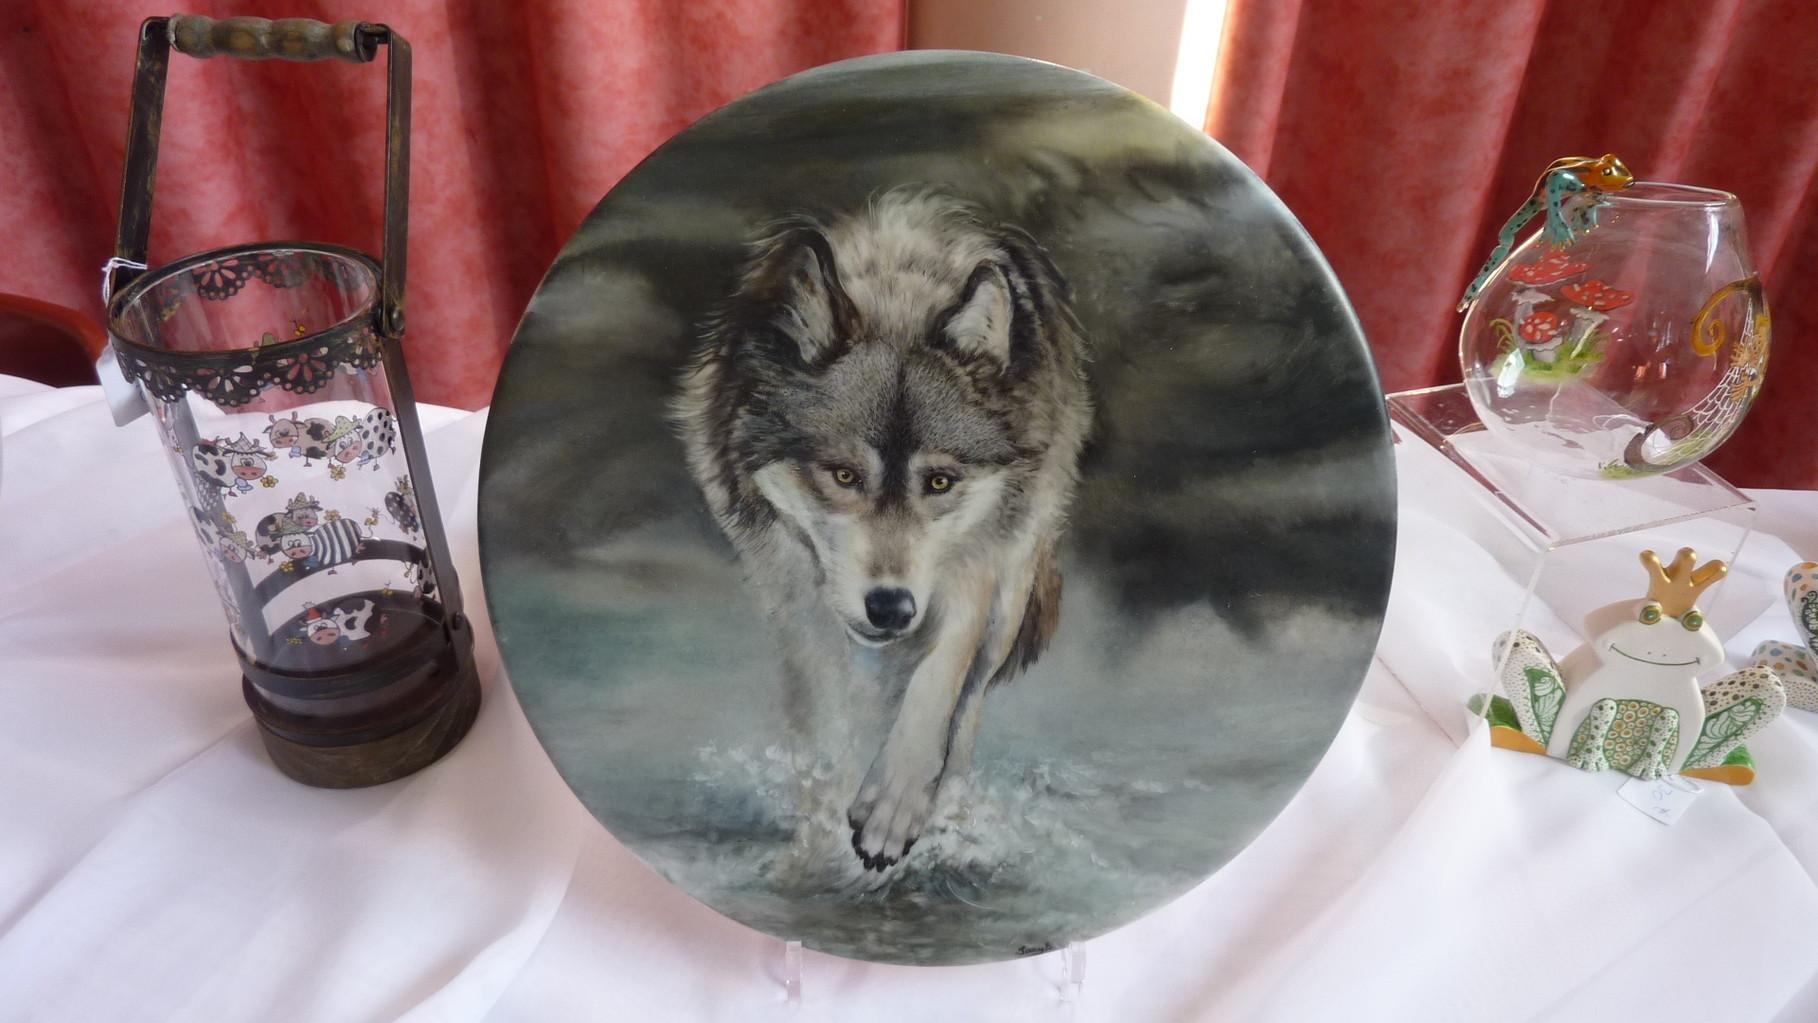 un loup s'avance...